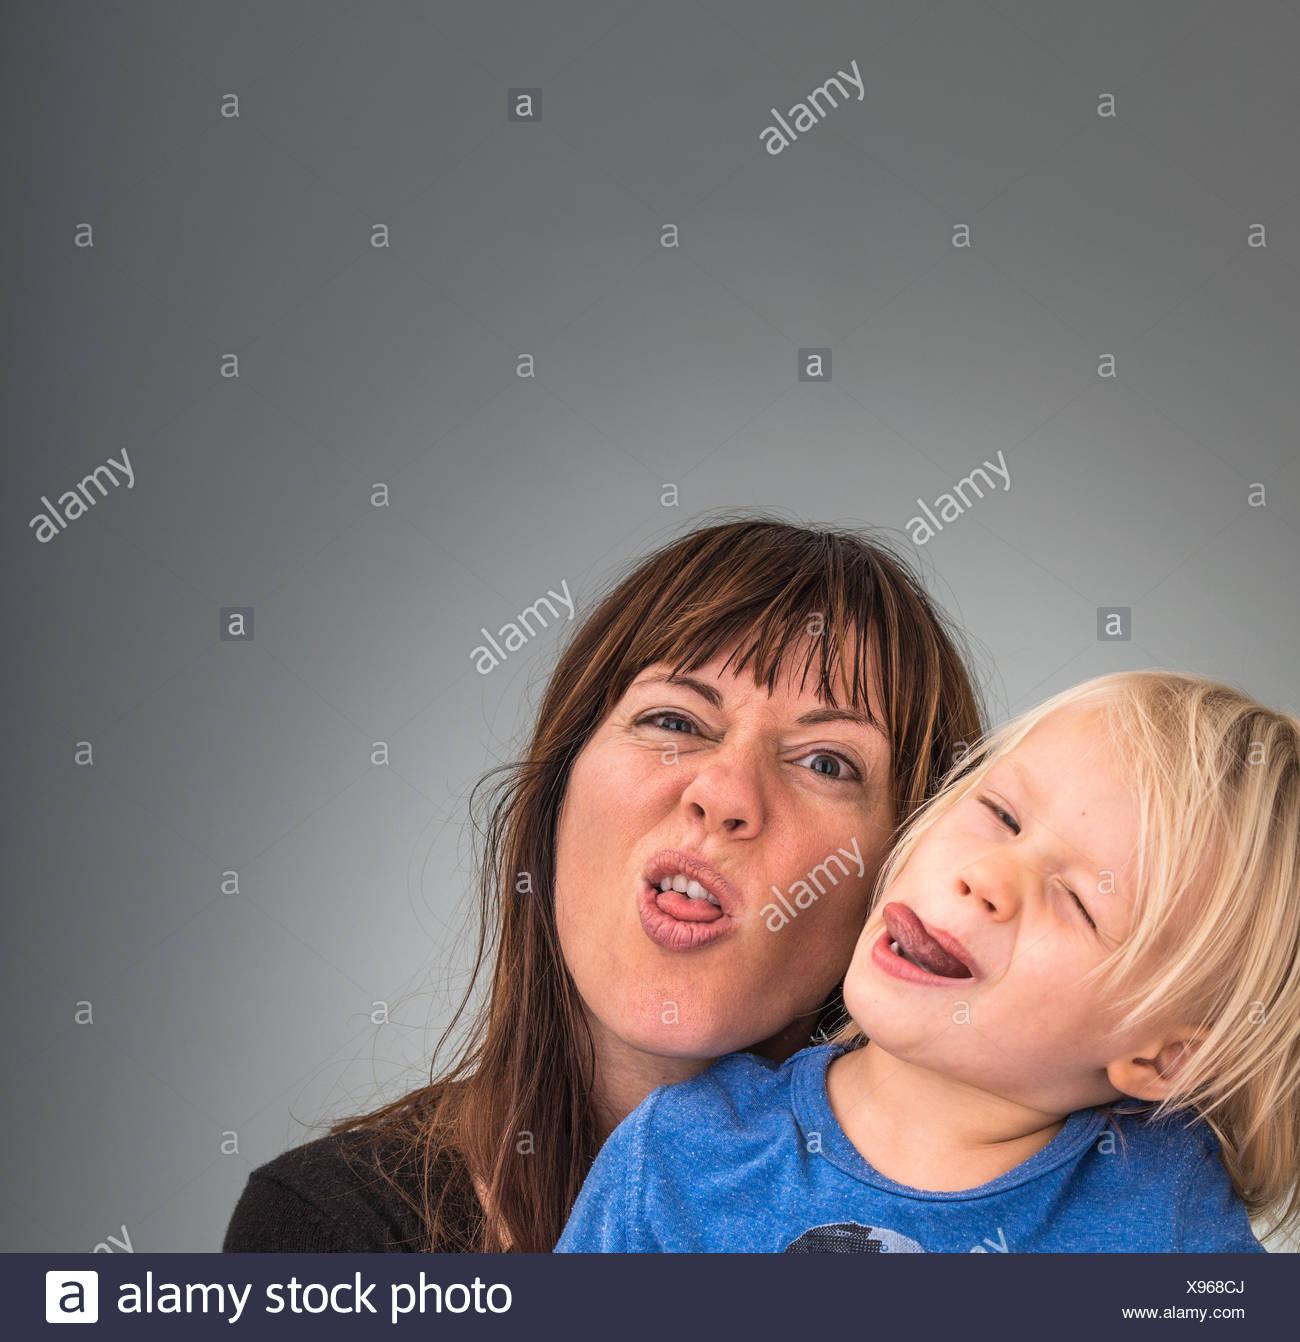 Retrato de la madre y el hijo, tirando de caras Imagen De Stock